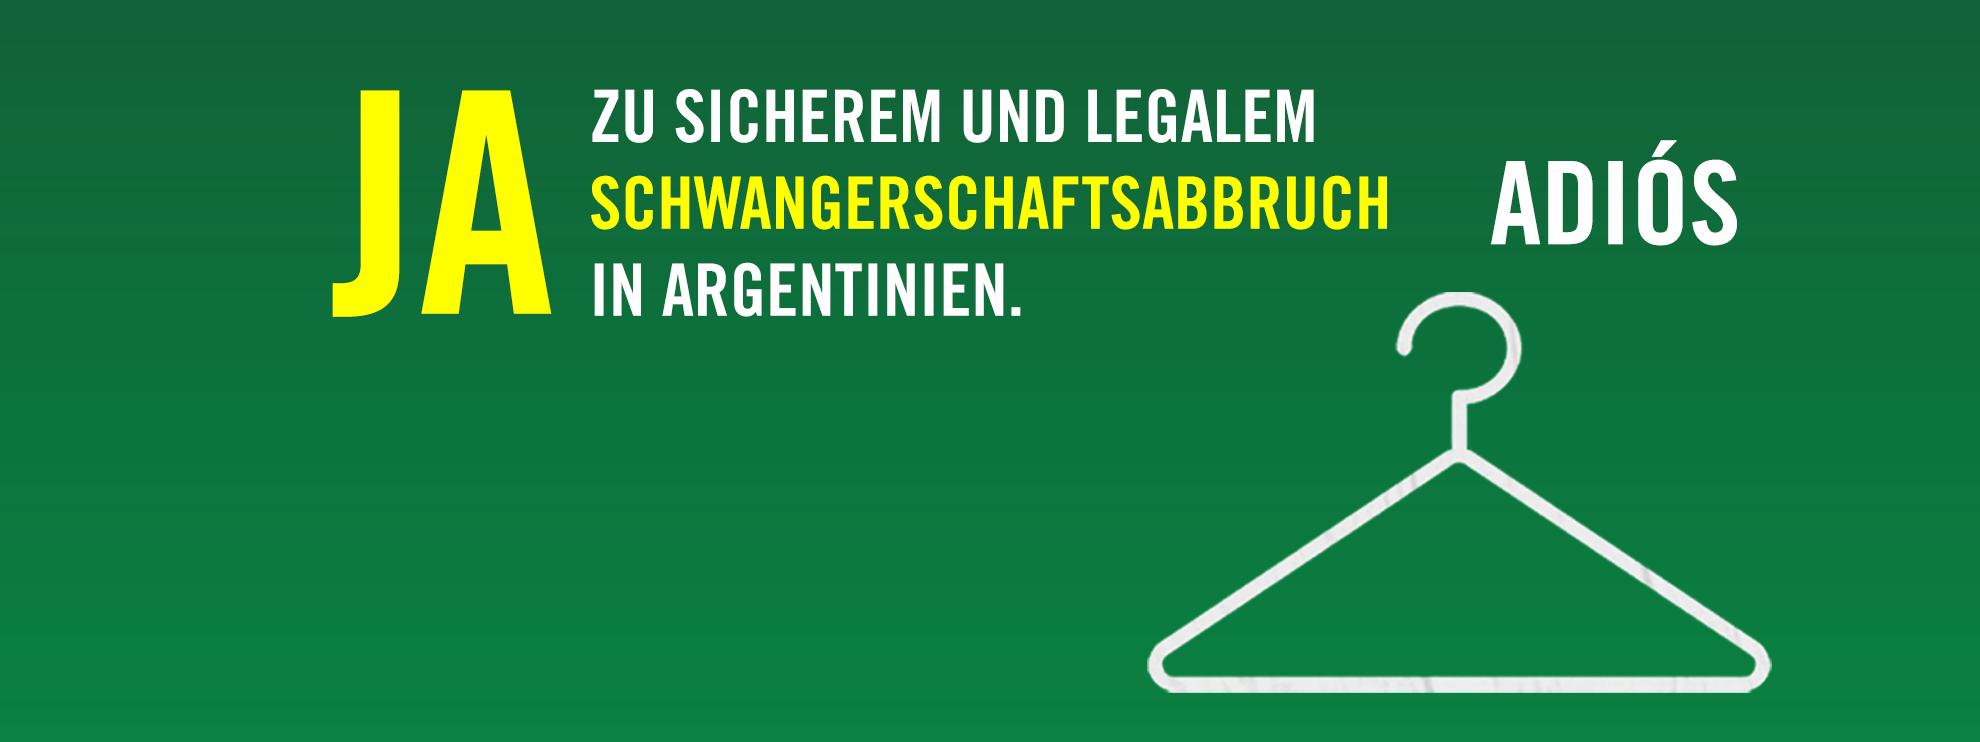 Im August 2018 hatte der argentinische Senat einen Gesetzesentwurf zur Legalisierung des Schwangerschaftsabbruchs abgelehnt und damit eine historische Chance verpasst.© Andreas Christen, Amnesty International